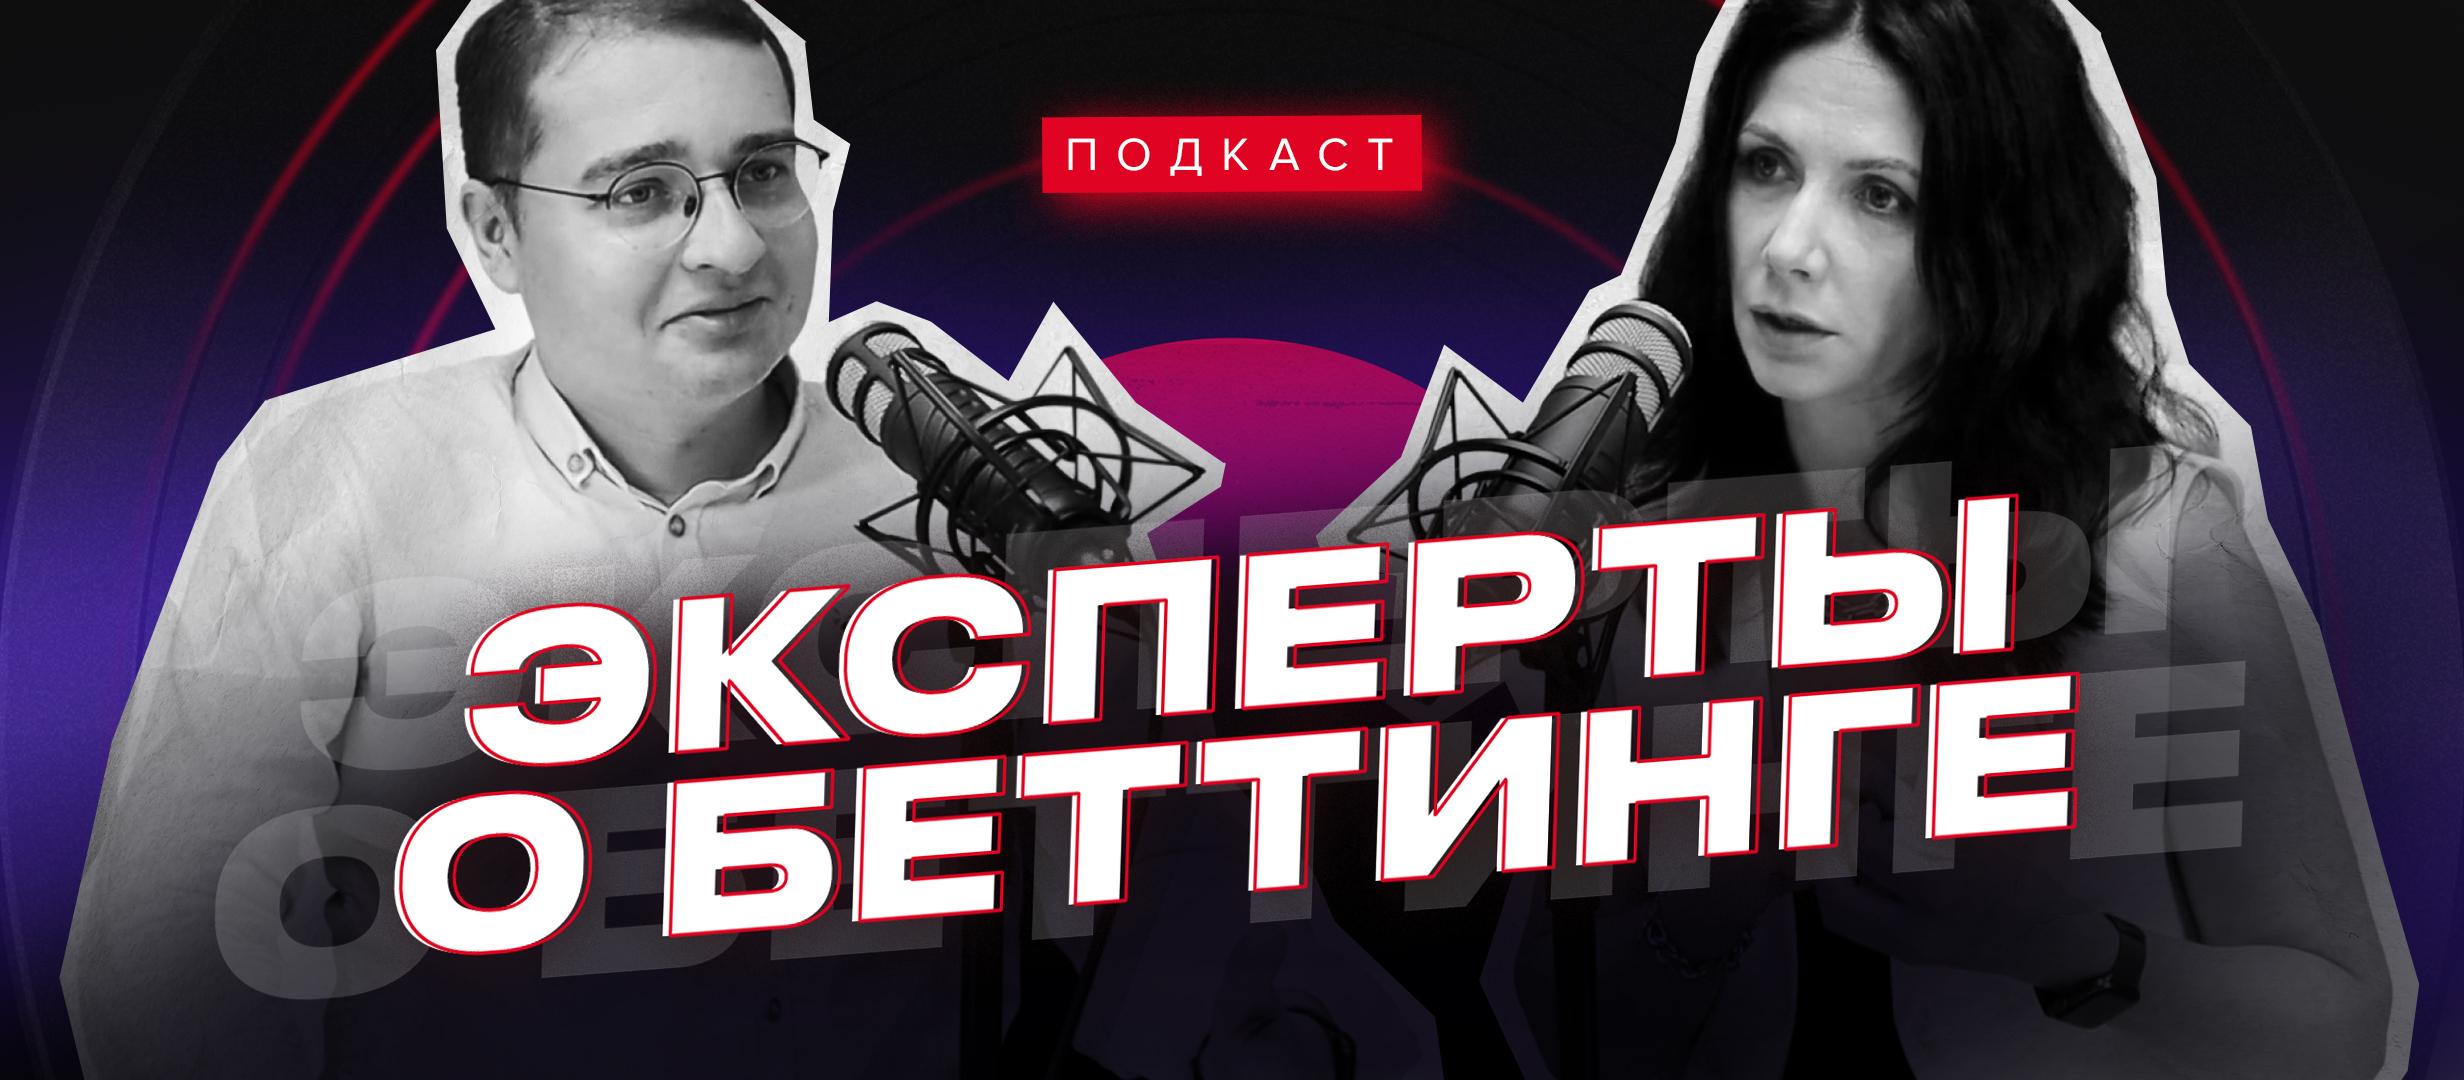 Подкаст «Эксперты о беттинге» с Владимиром Горевым и Светланой Шабалиной. Текстовая версия